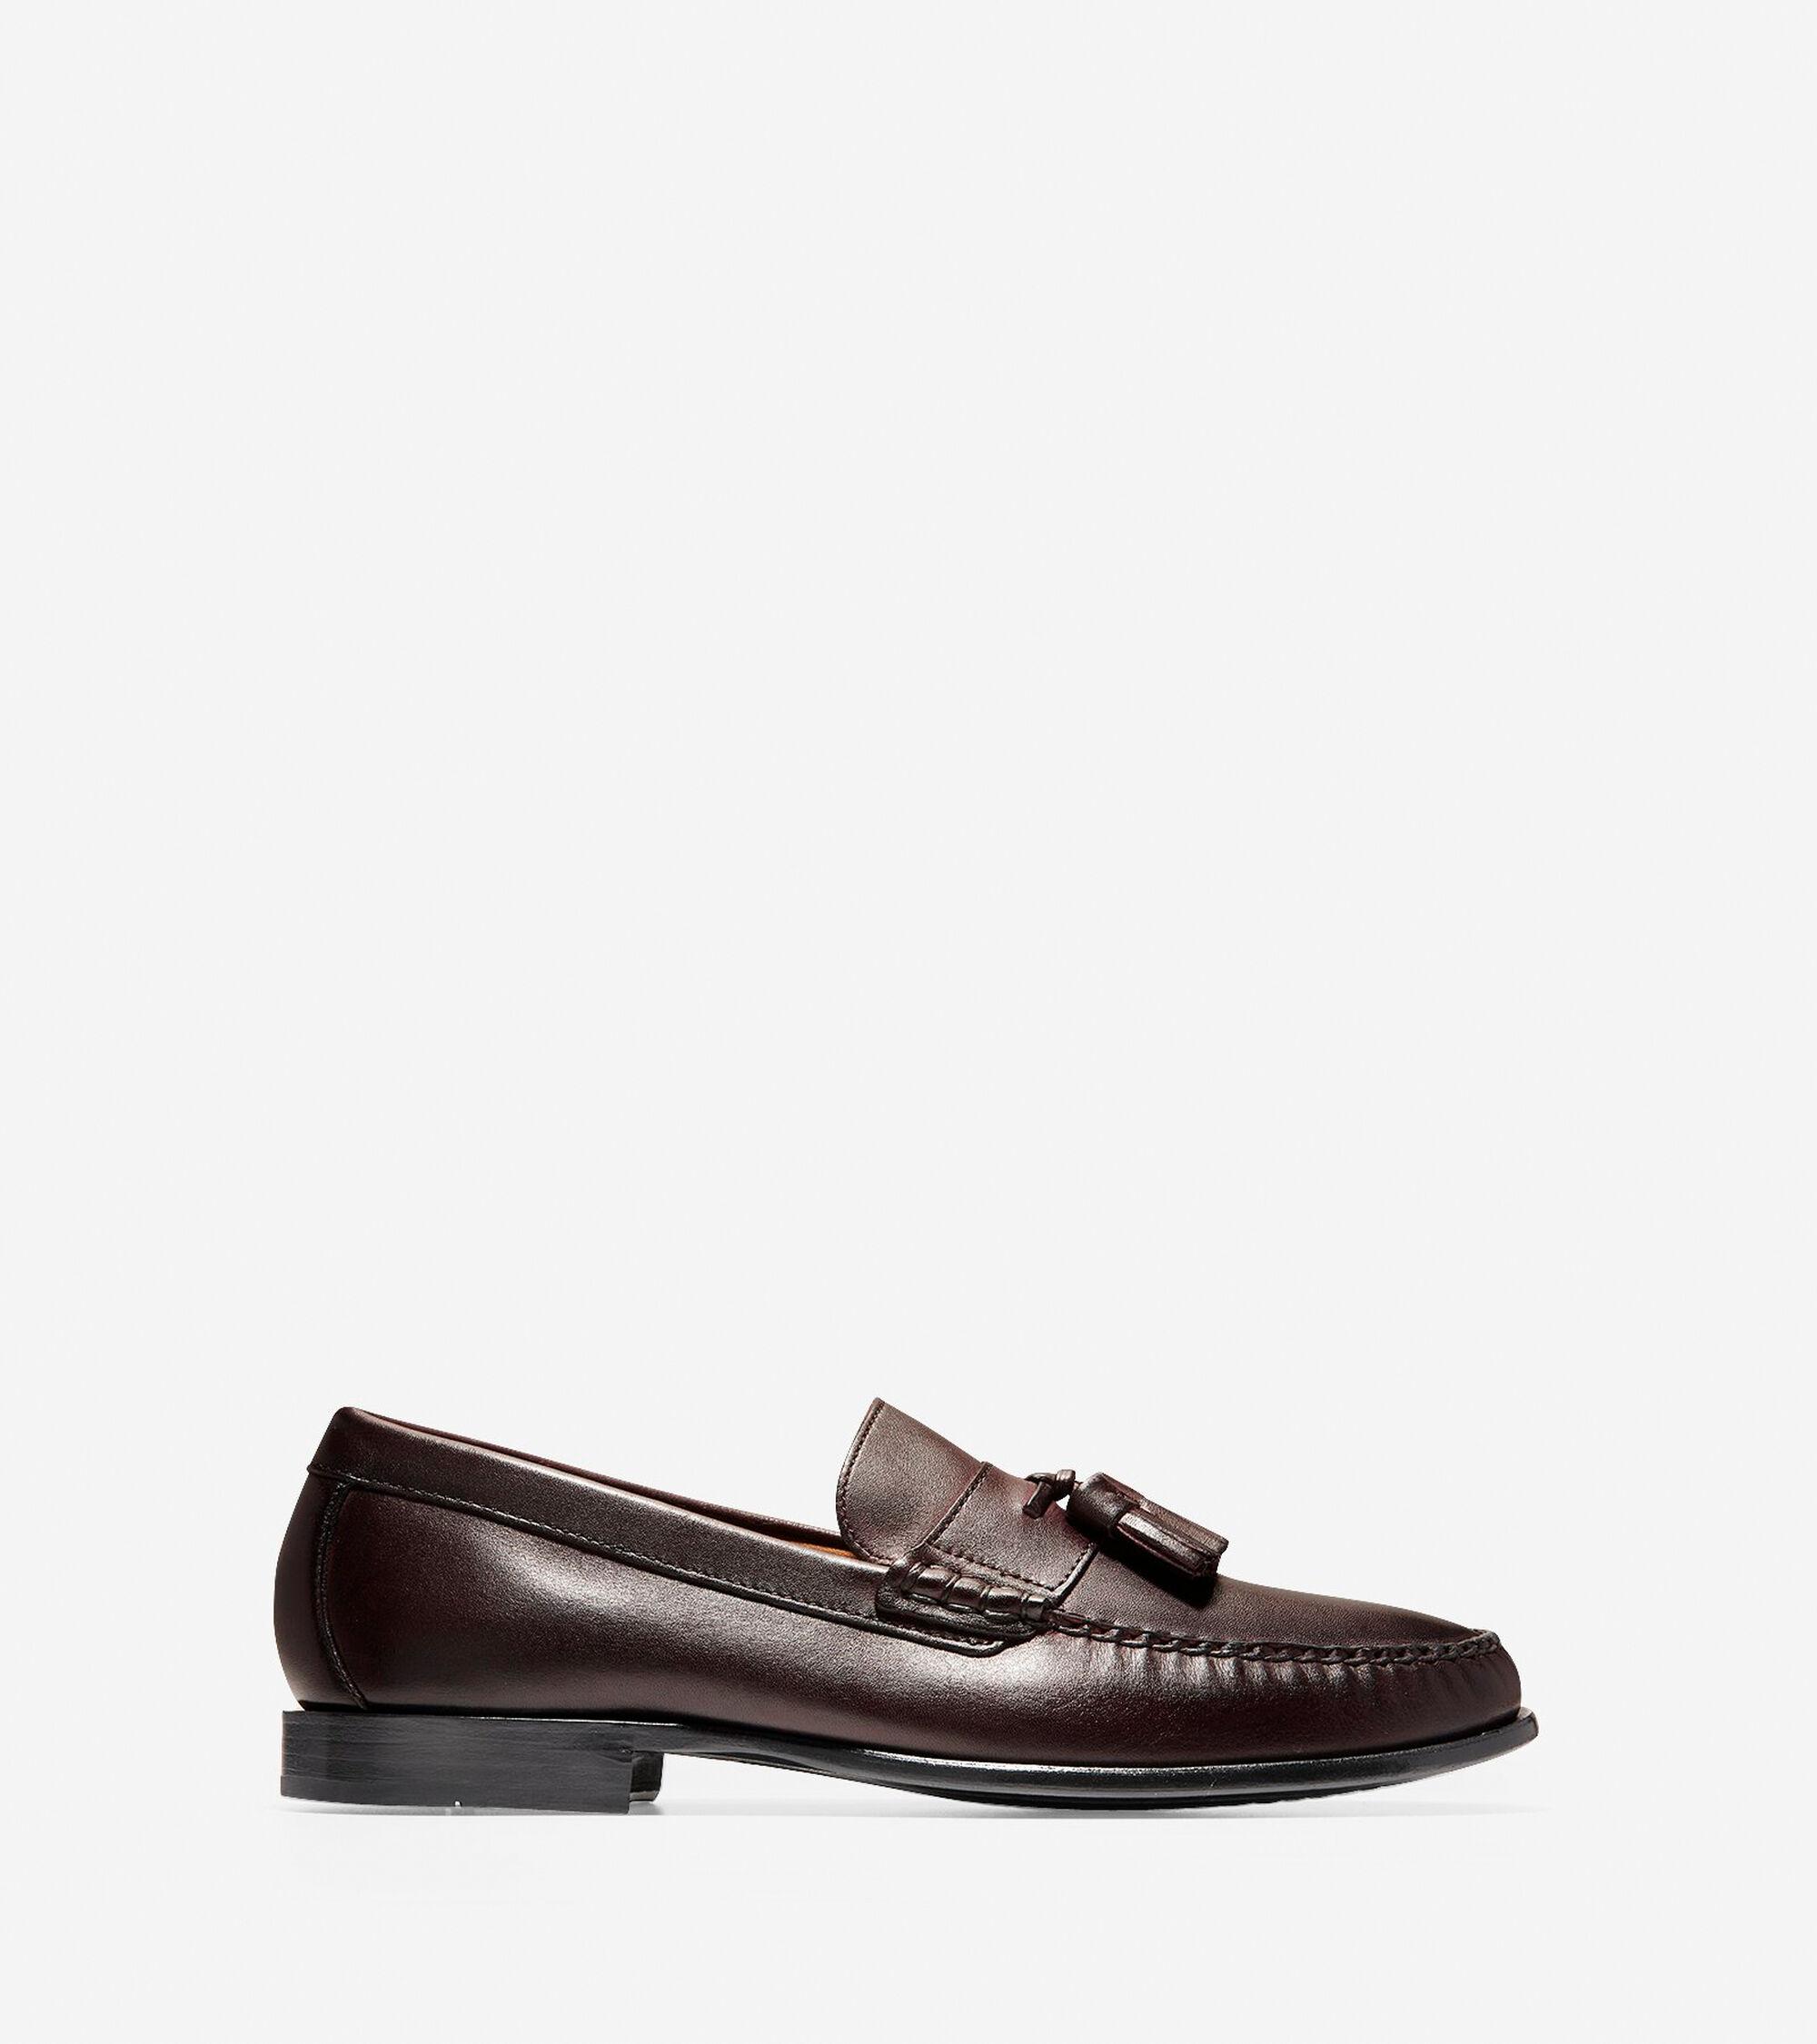 752414441b0 Men s Pinch Handsewn Tassel Loafers in Burgundy